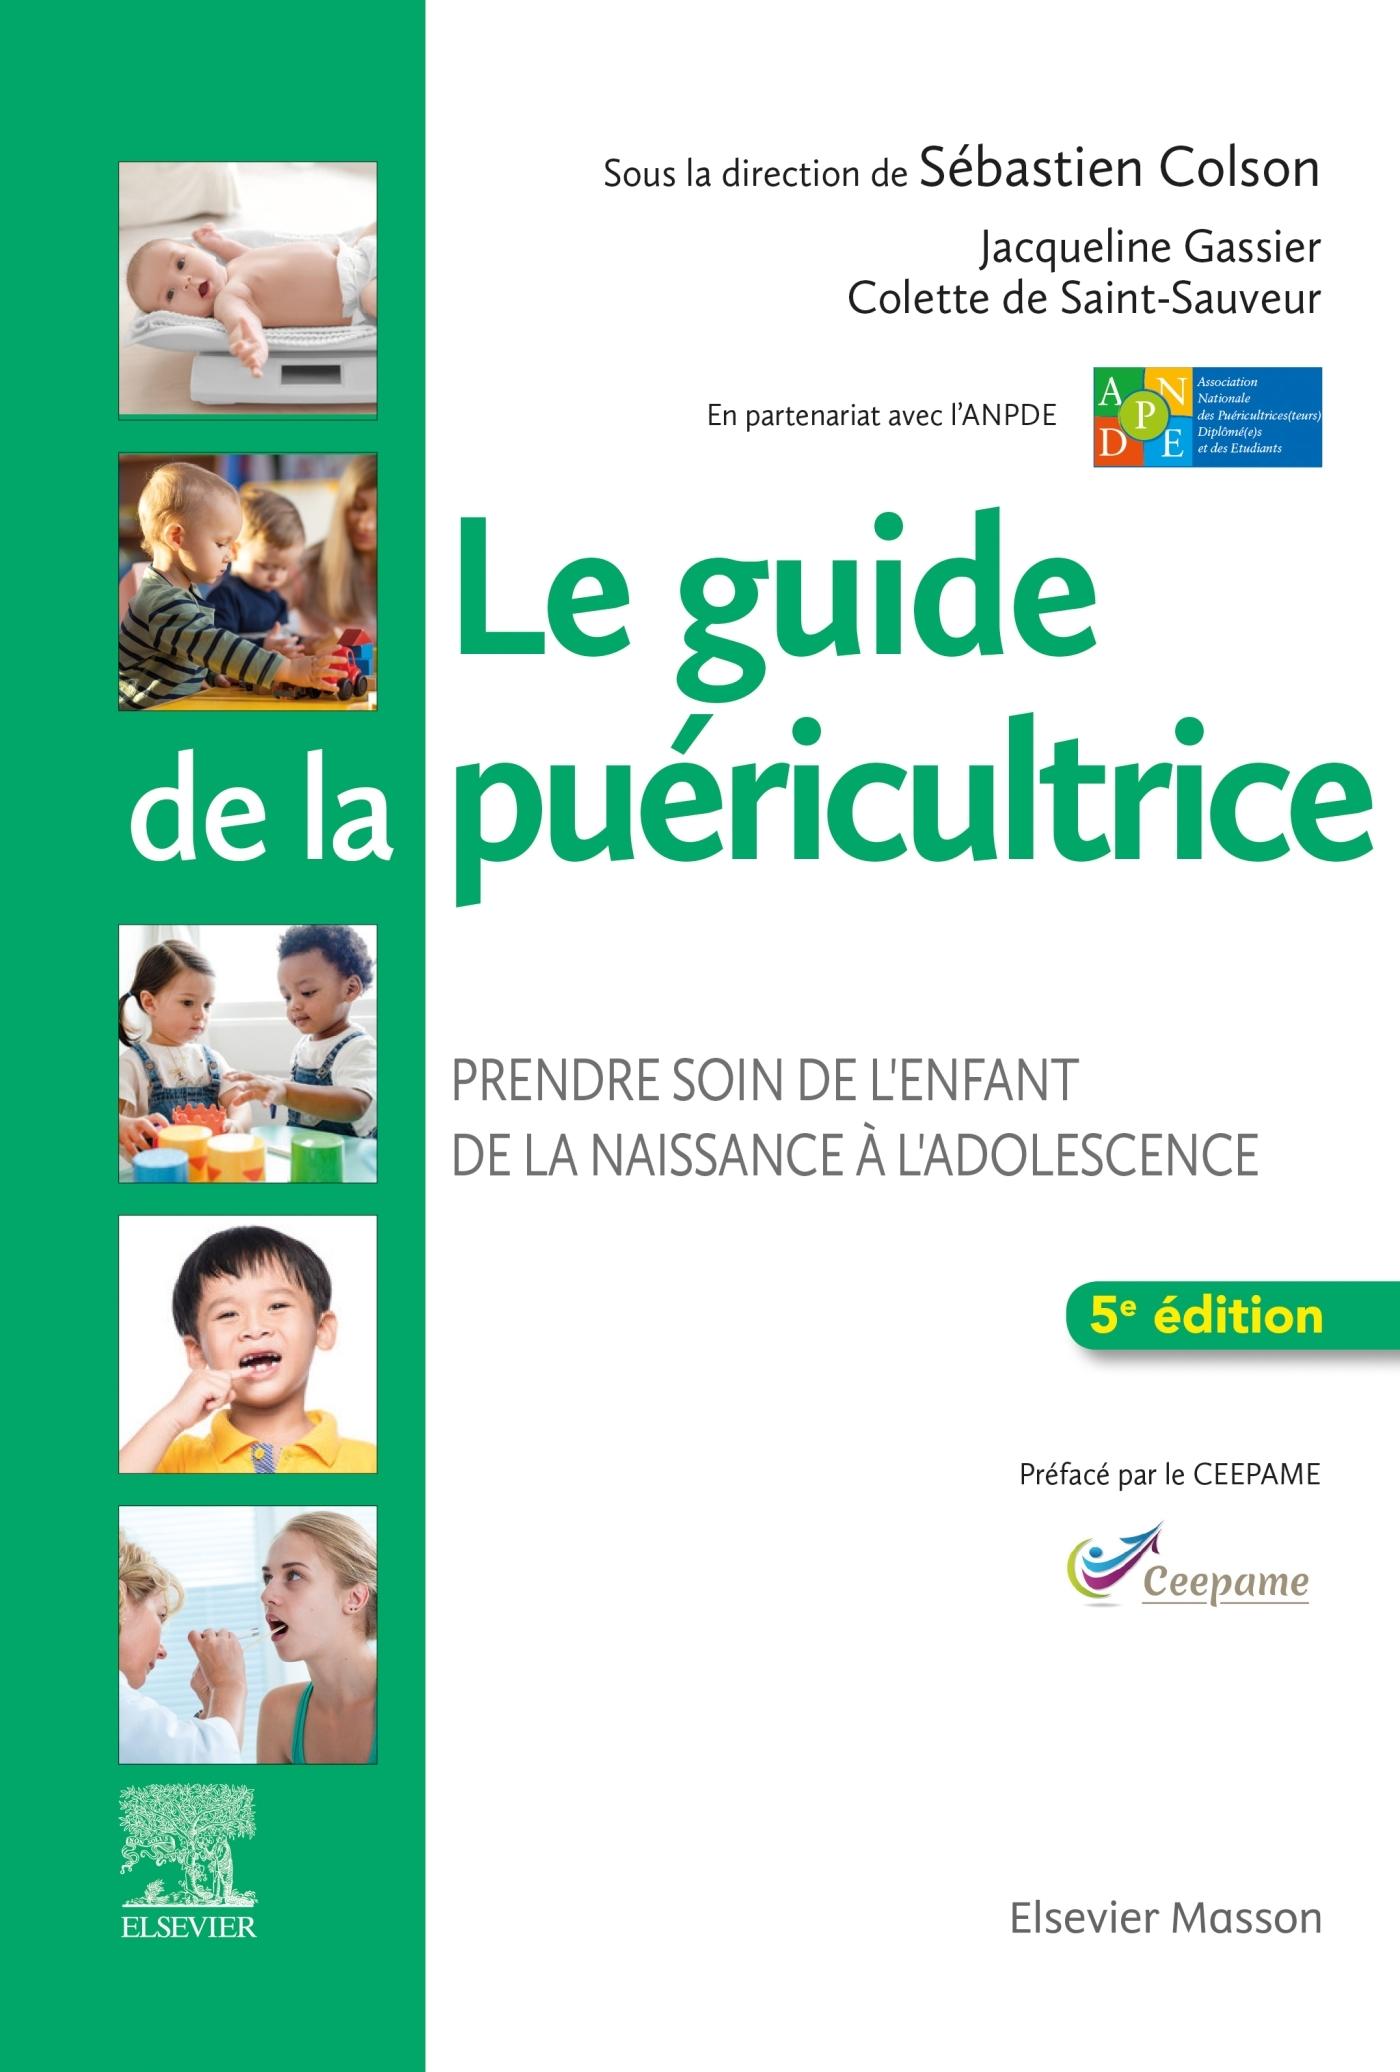 LE GUIDE DE LA PUERICULTRICE - PRENDRE SOIN DE L'ENFANT DE LA NAISSANCE A L'ADOLESCENCE